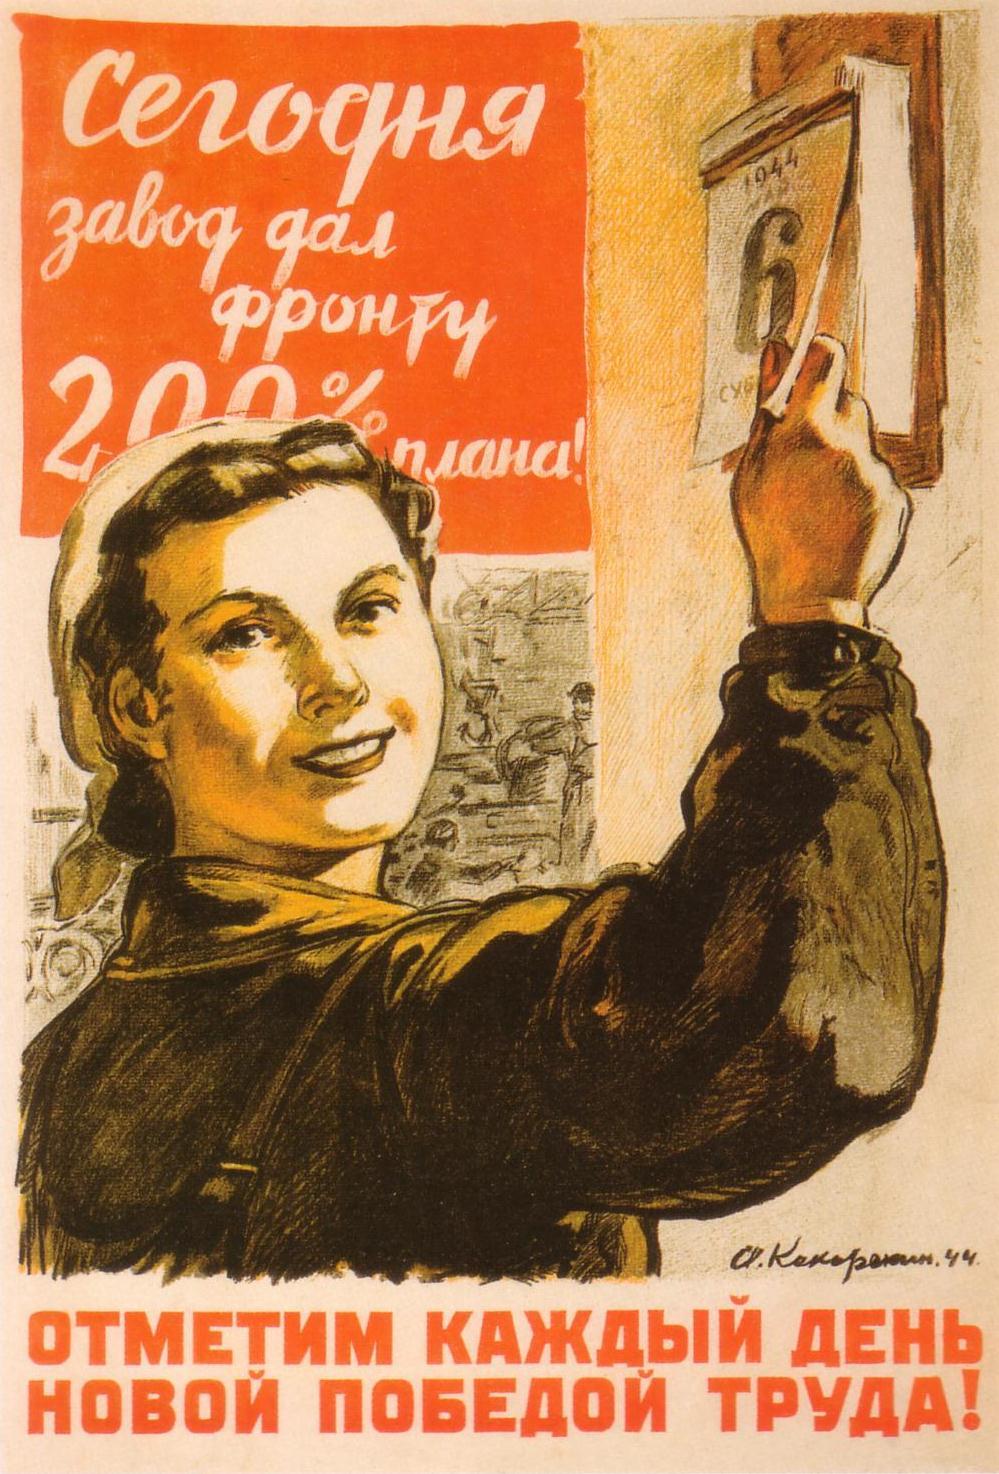 Отметим каждый день новой победой труда! Автор: А. А. Кокорекин Год: 1944 Текст на плакате: Сегодня завод дал фронту 200% плана